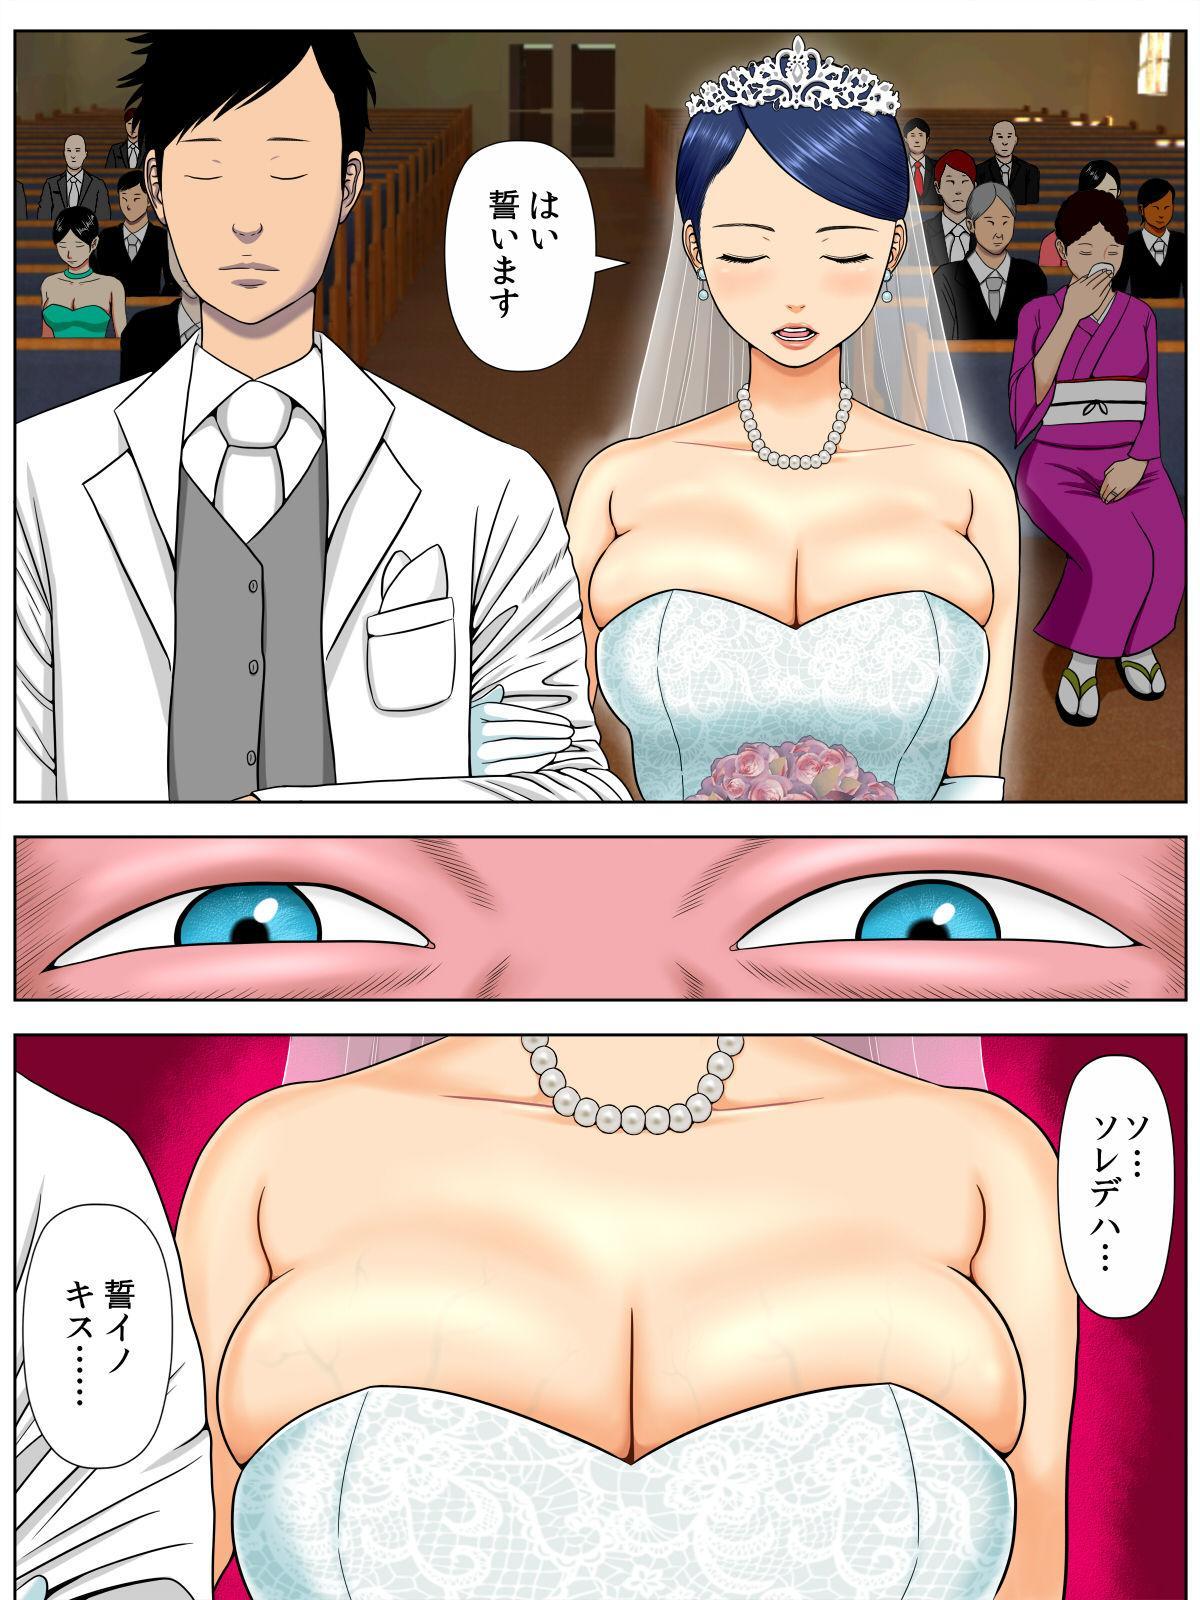 Sex Shinai to Shinu Yamai 1